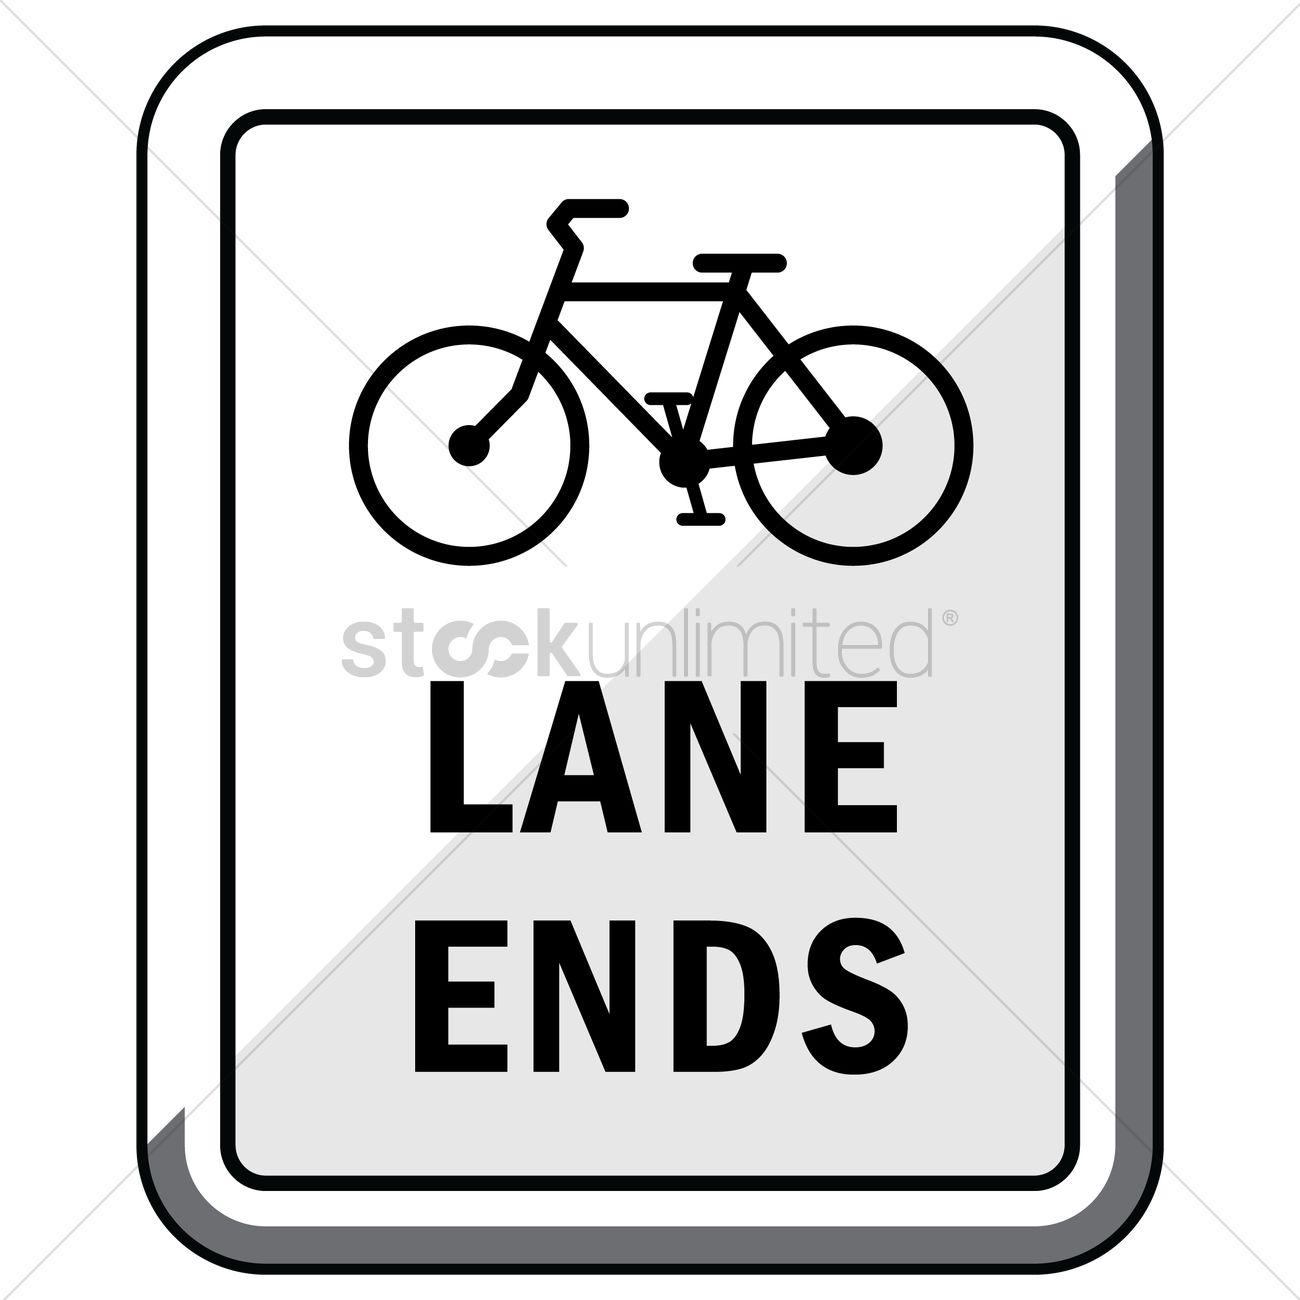 1300x1300 Bike Lane Ends Road Sign Vector Image